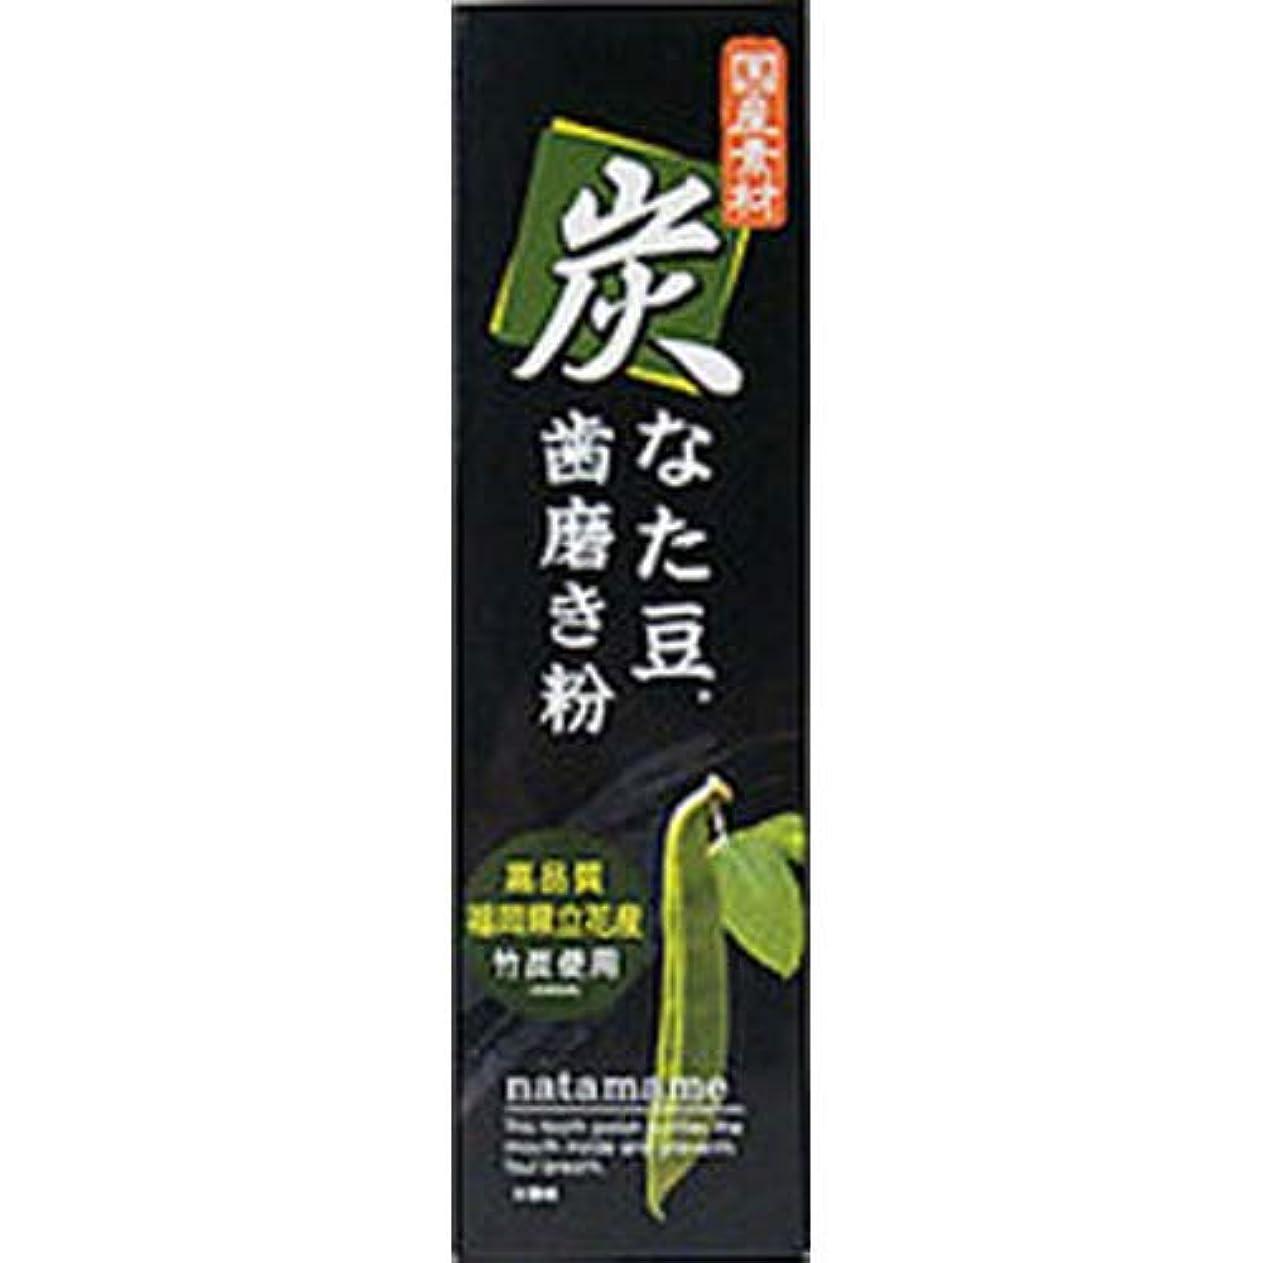 あらゆる種類の誇張不合格炭なた豆歯磨き粉 120g